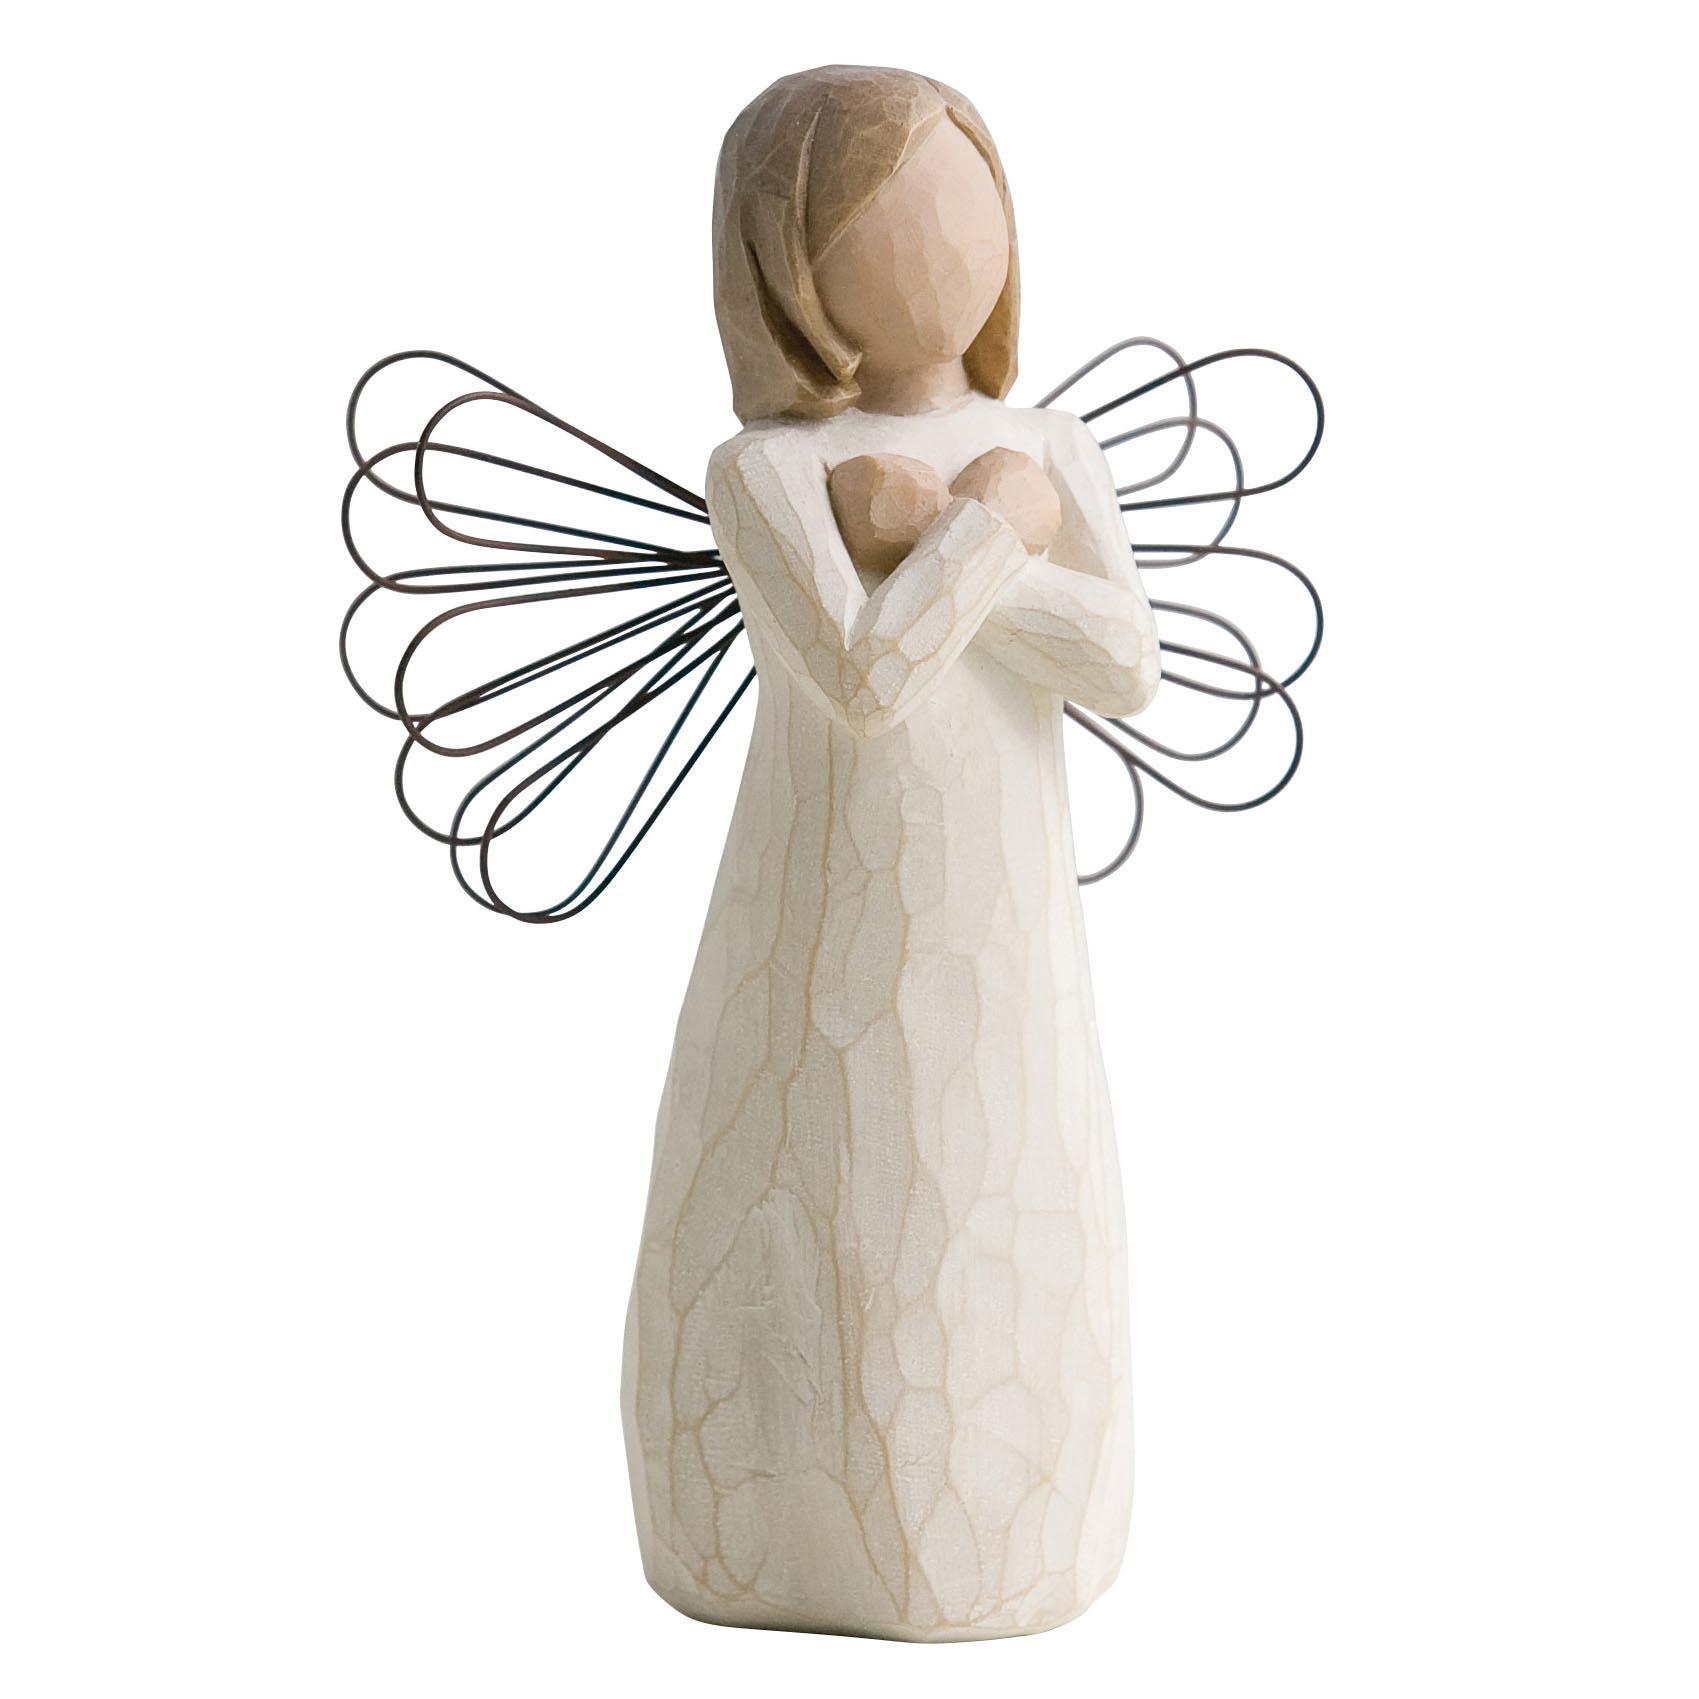 Angel of Sign for love / Zeichen der Liebe (26110)